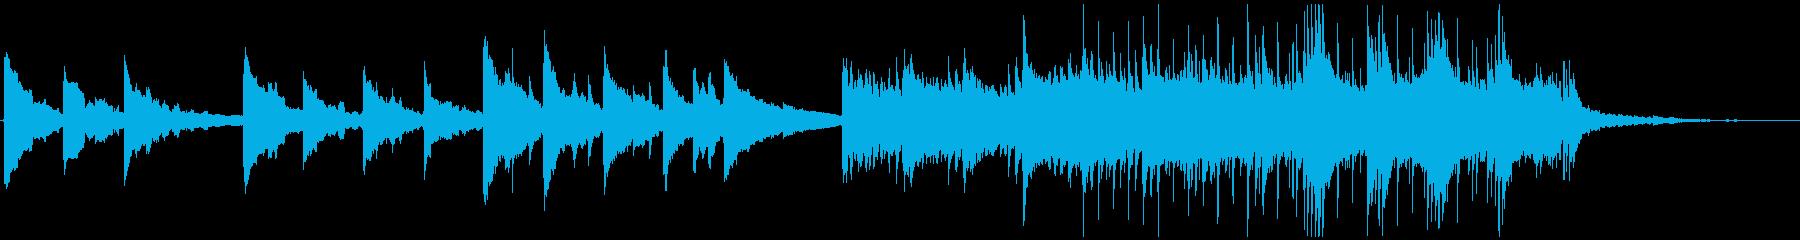 空気感のある感動的なポストロック CMの再生済みの波形